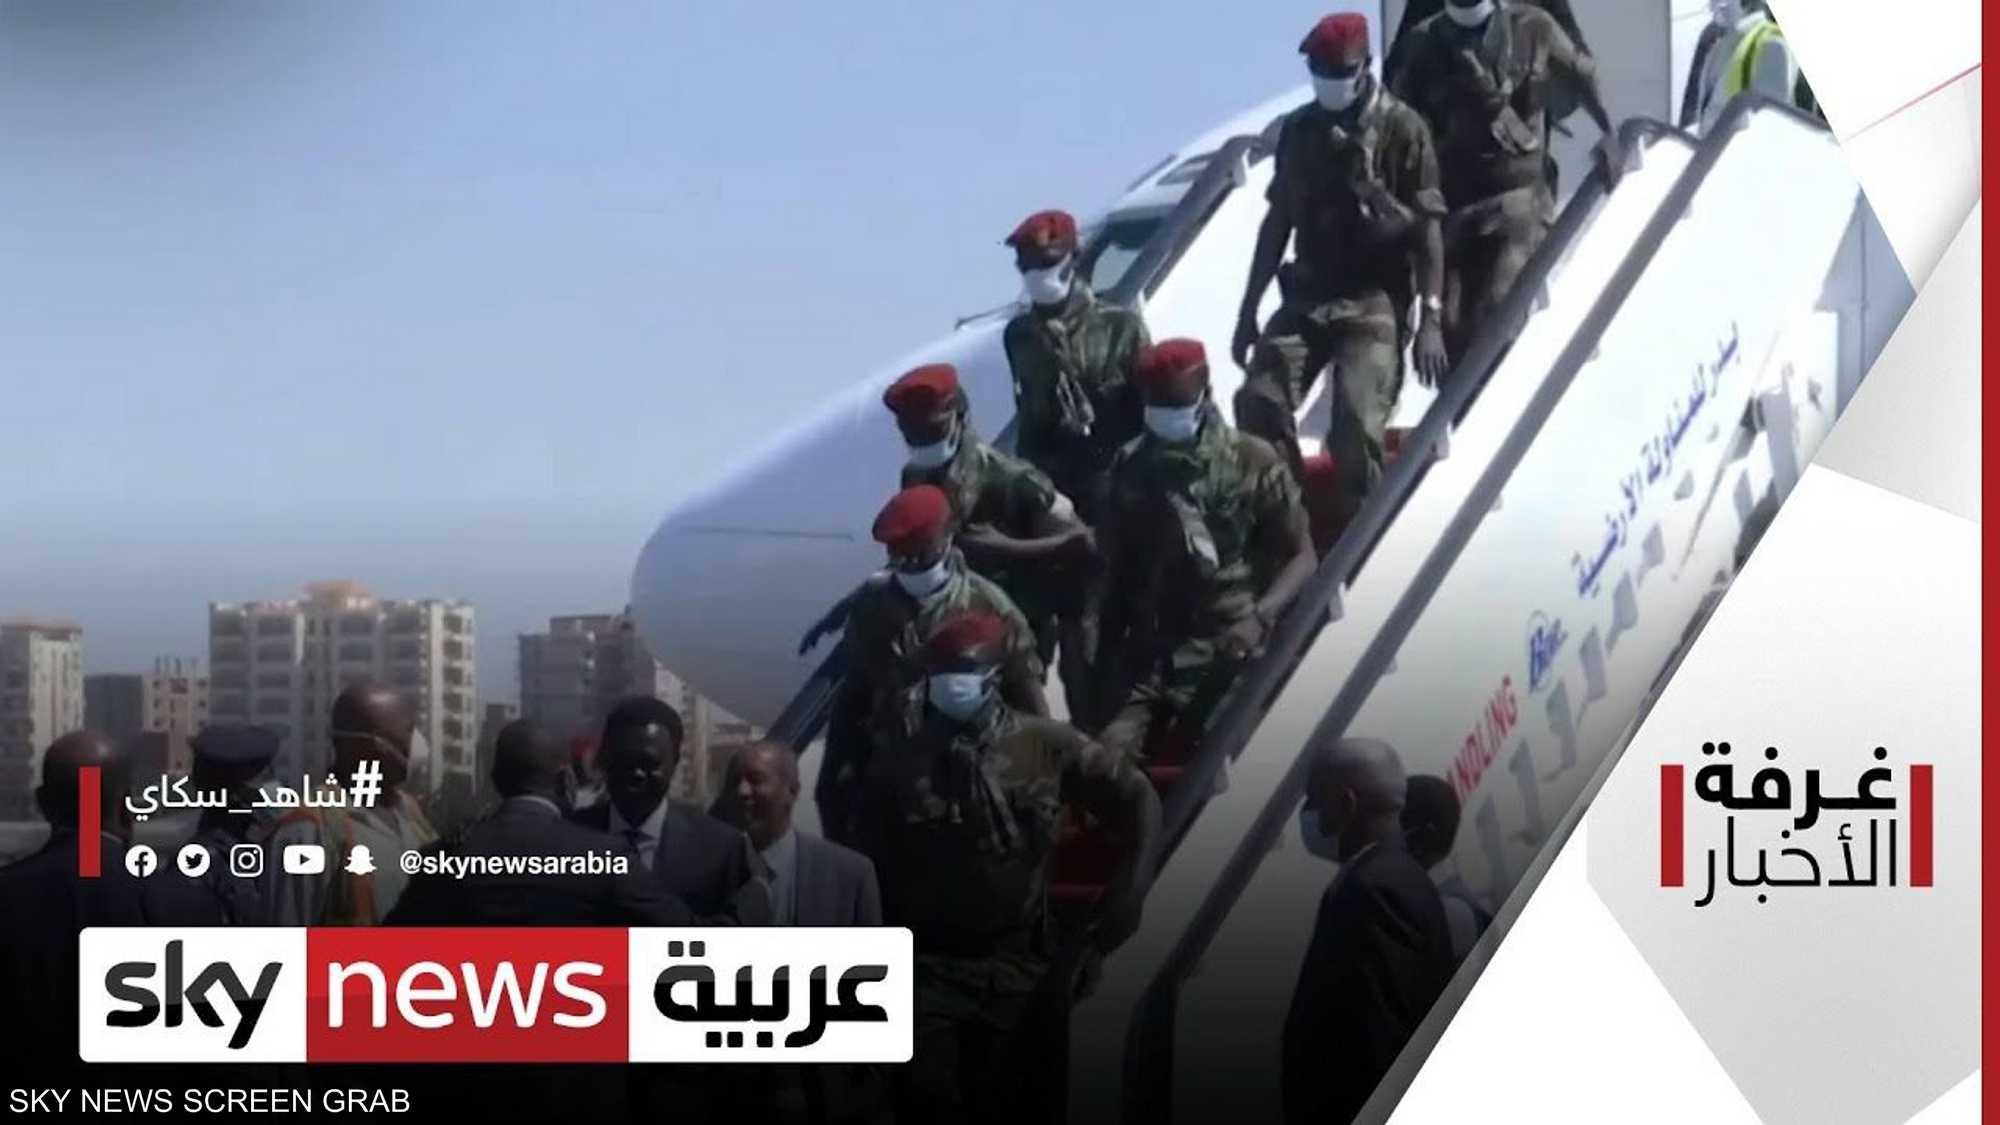 السودان في حقبة السلام.. وقادة الفصائل في الخرطوم